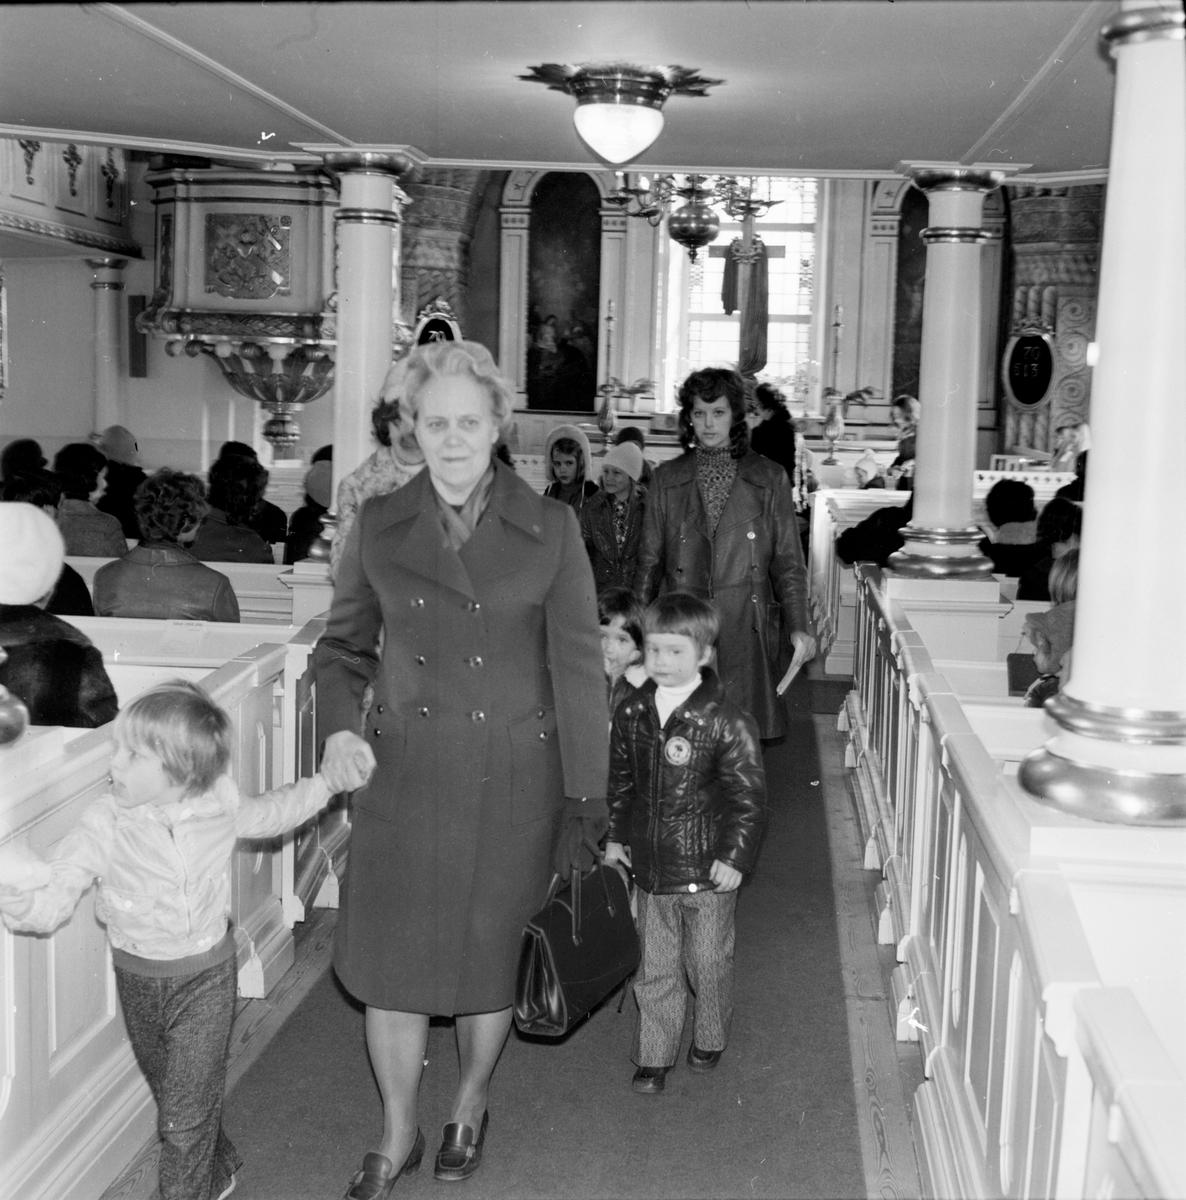 Arbrå Kyrka, Besök av kyrkans barntimme, April 1972